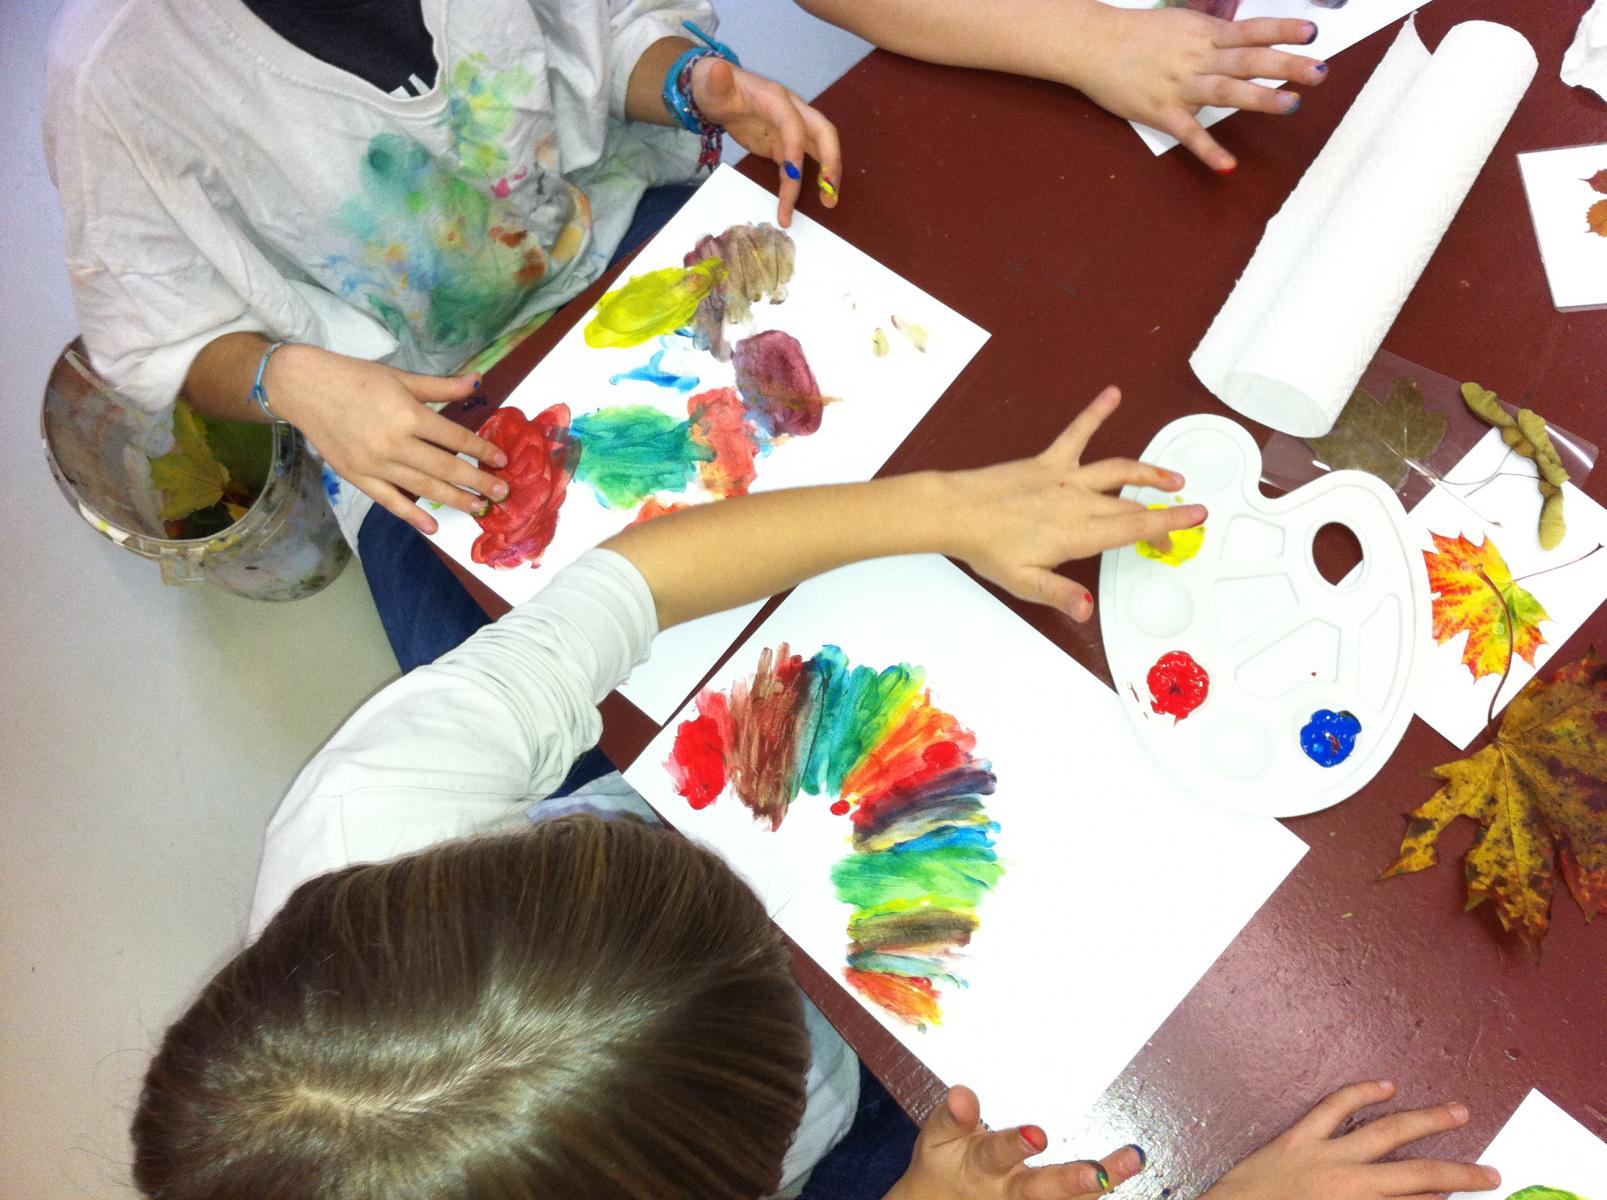 Volksschule-Grundfarben mischen